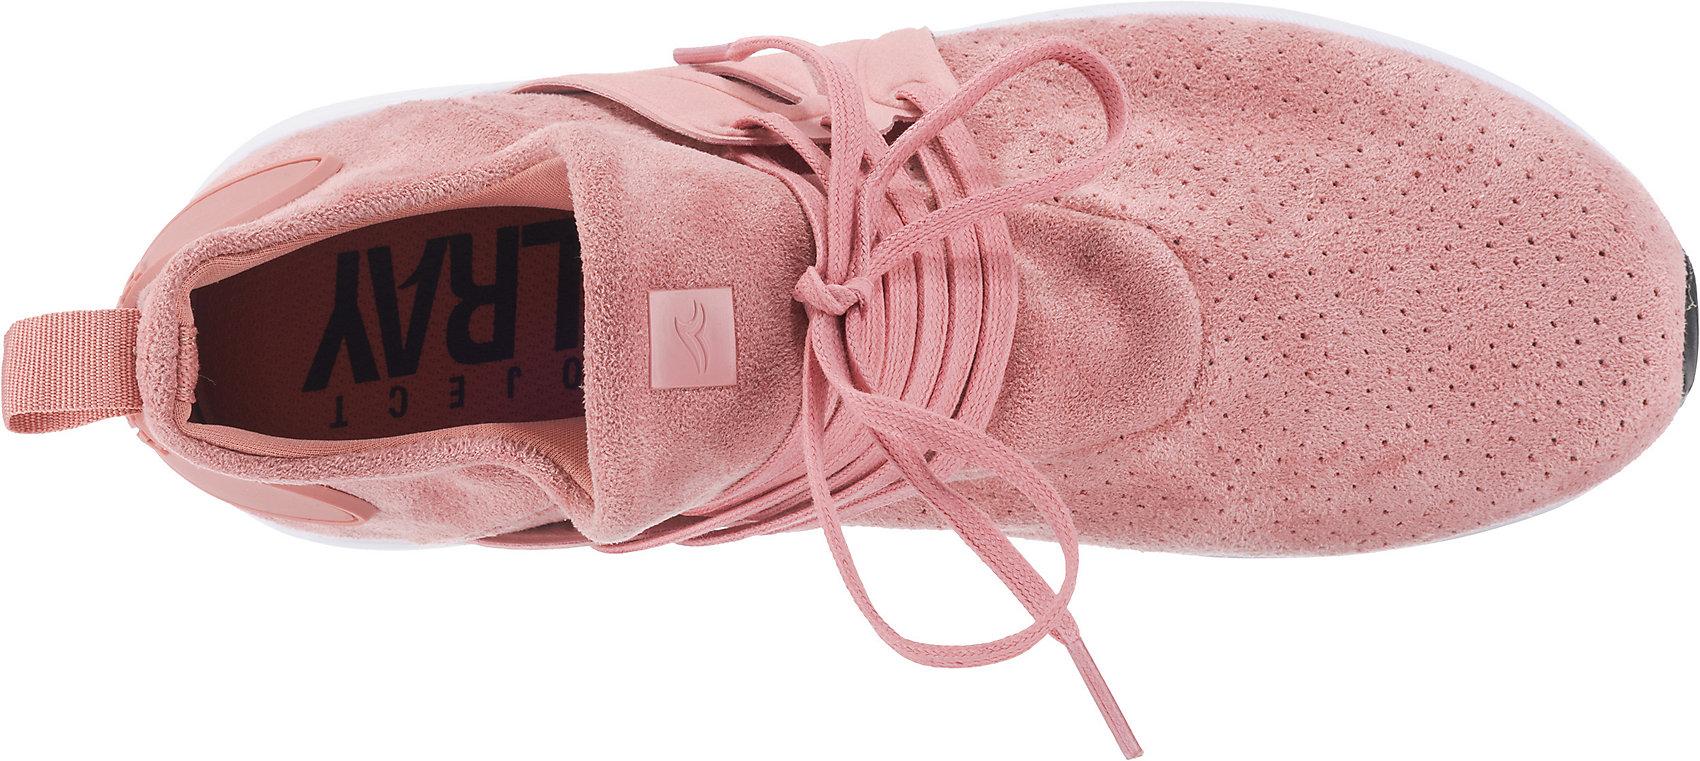 Neu Project Delray WAVEY Sneakers Low 6831044 für Damen rosa